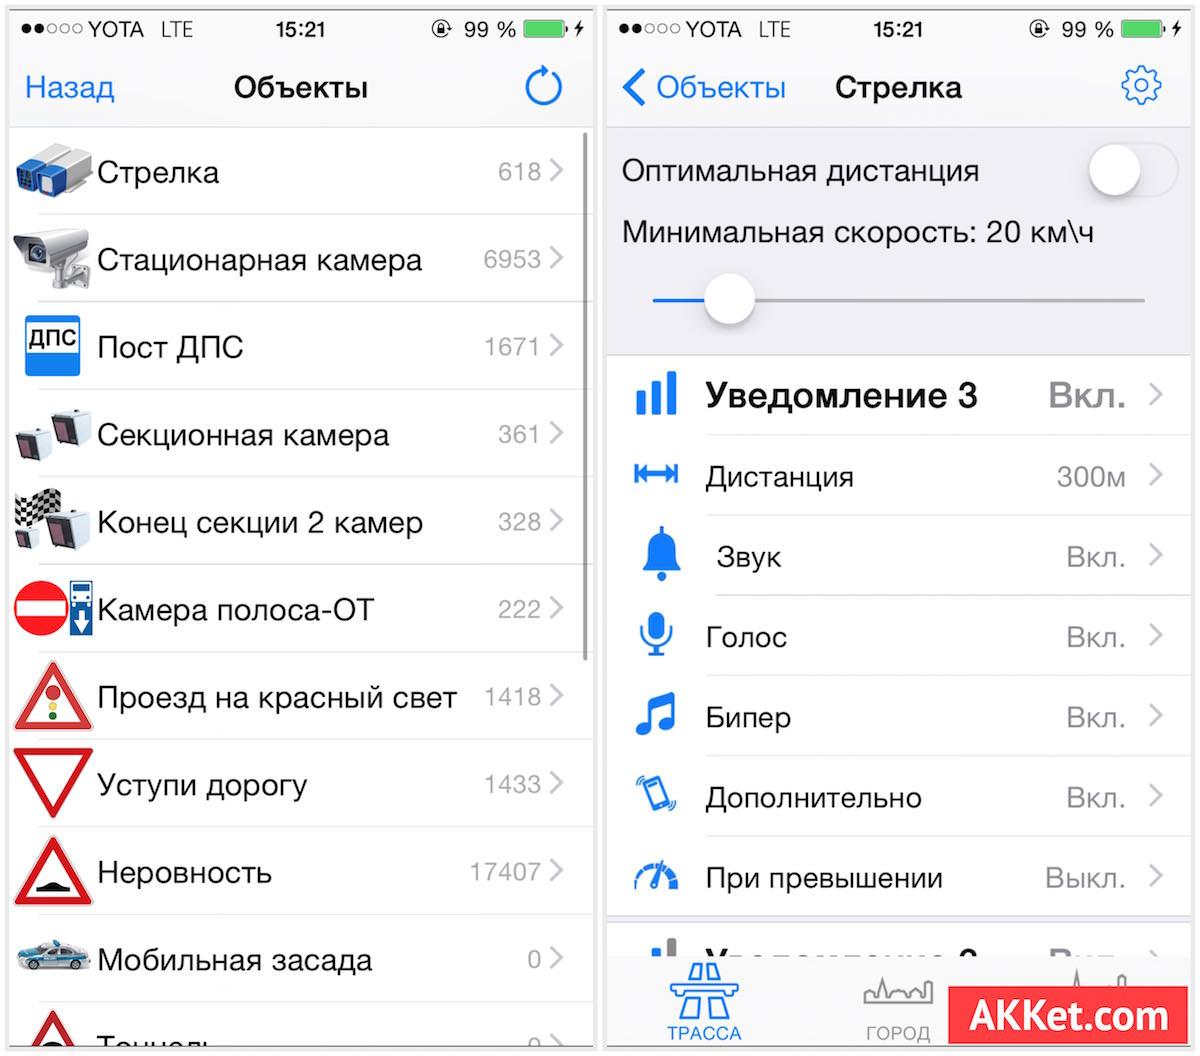 istrelka app store ios iphone ipad russia 7